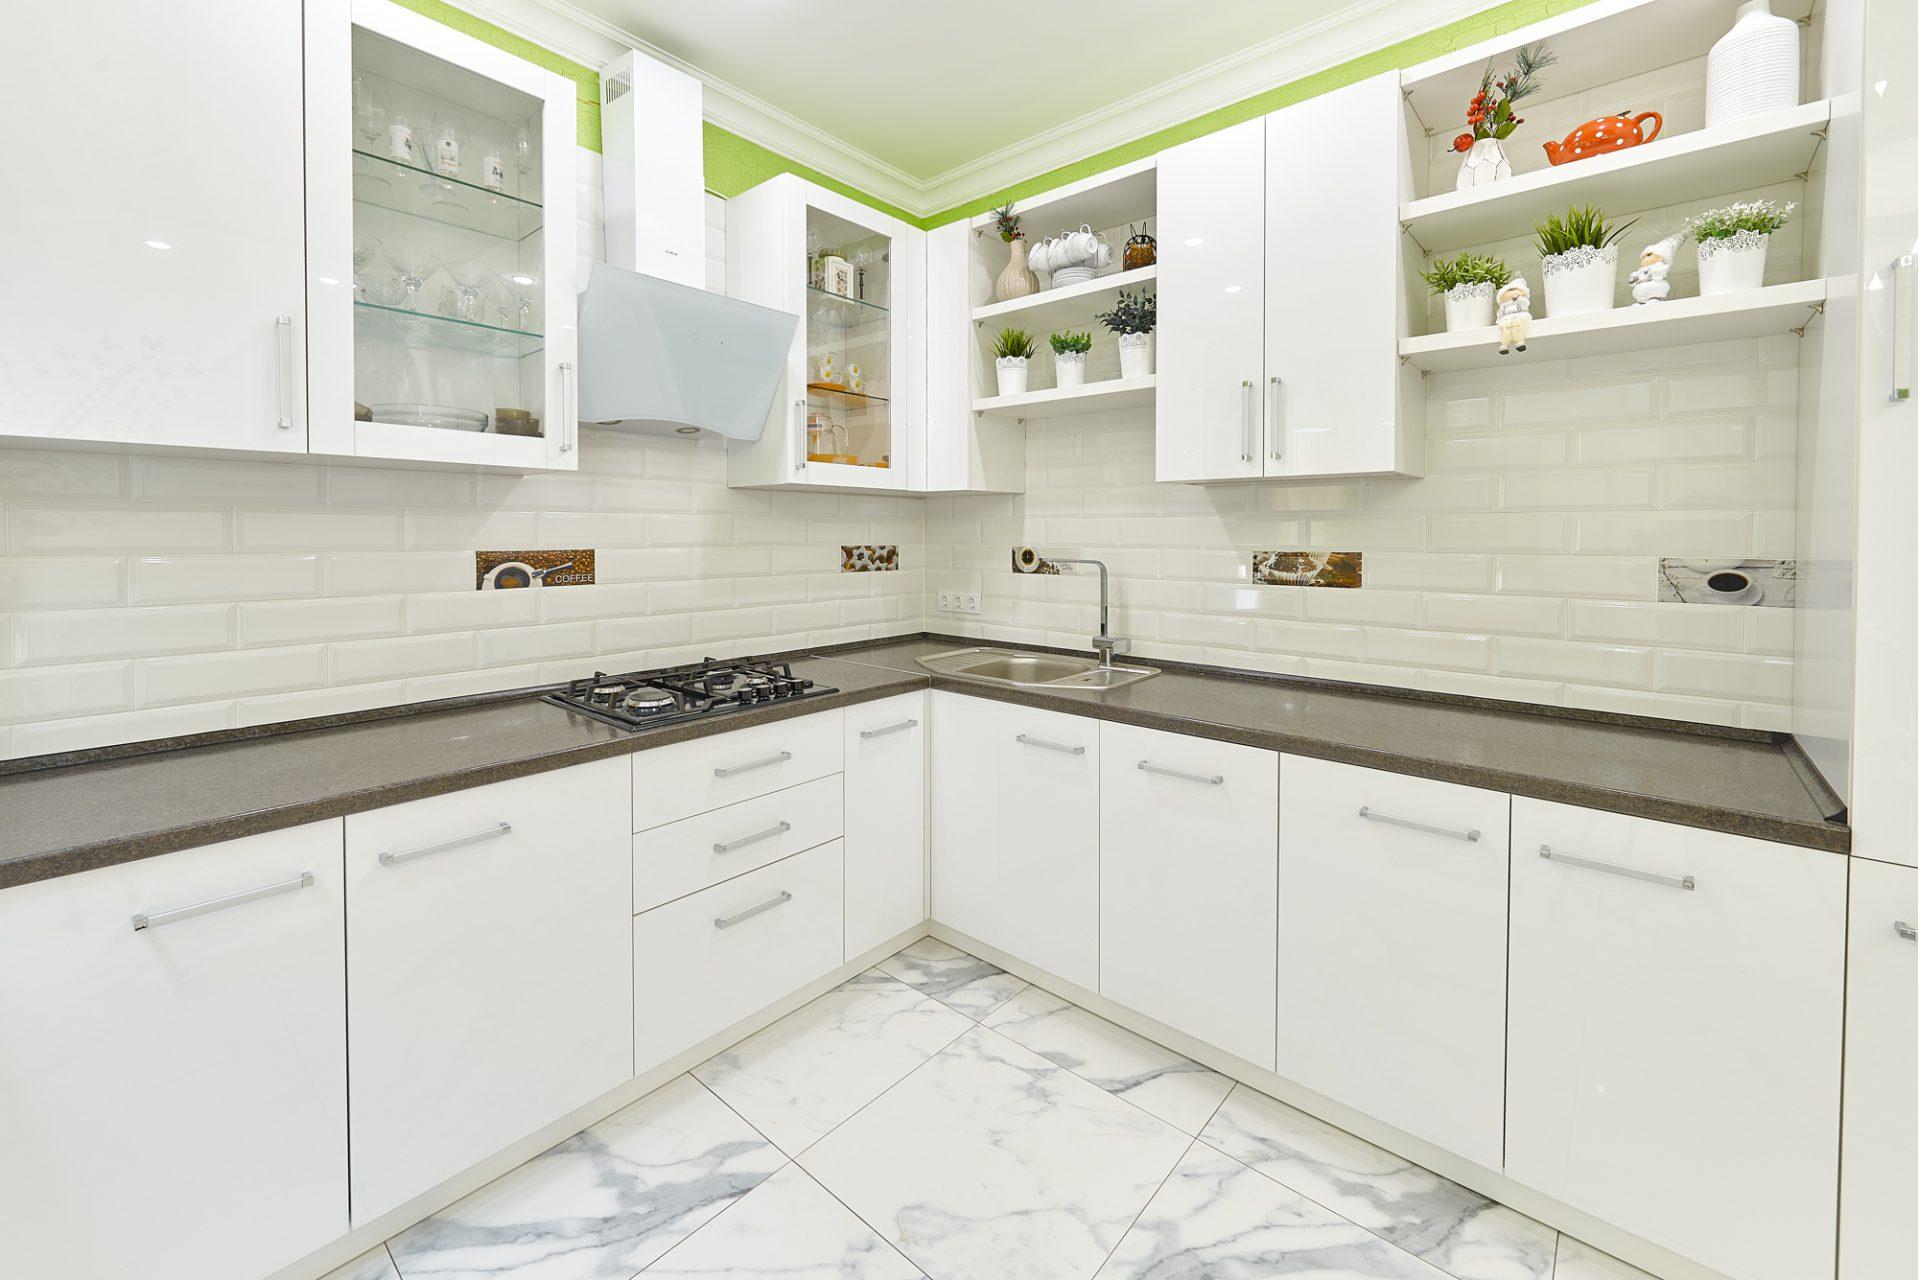 004_interior_kitchen1_korneychikeu